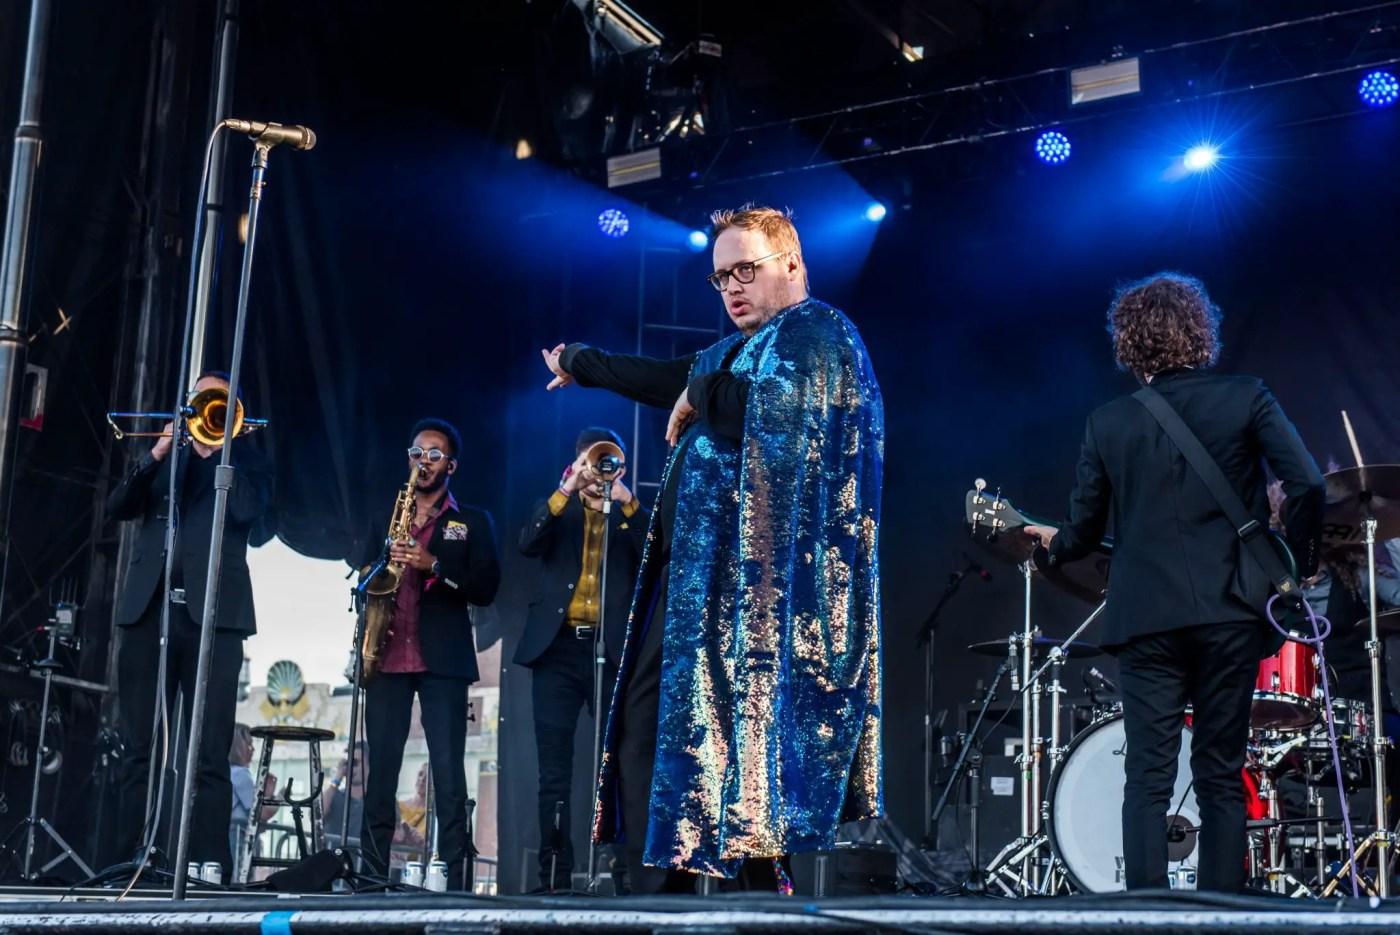 Sea.Hear.Now 2019 Festival Recap | Photos | LIVING LIFE FEARLESS